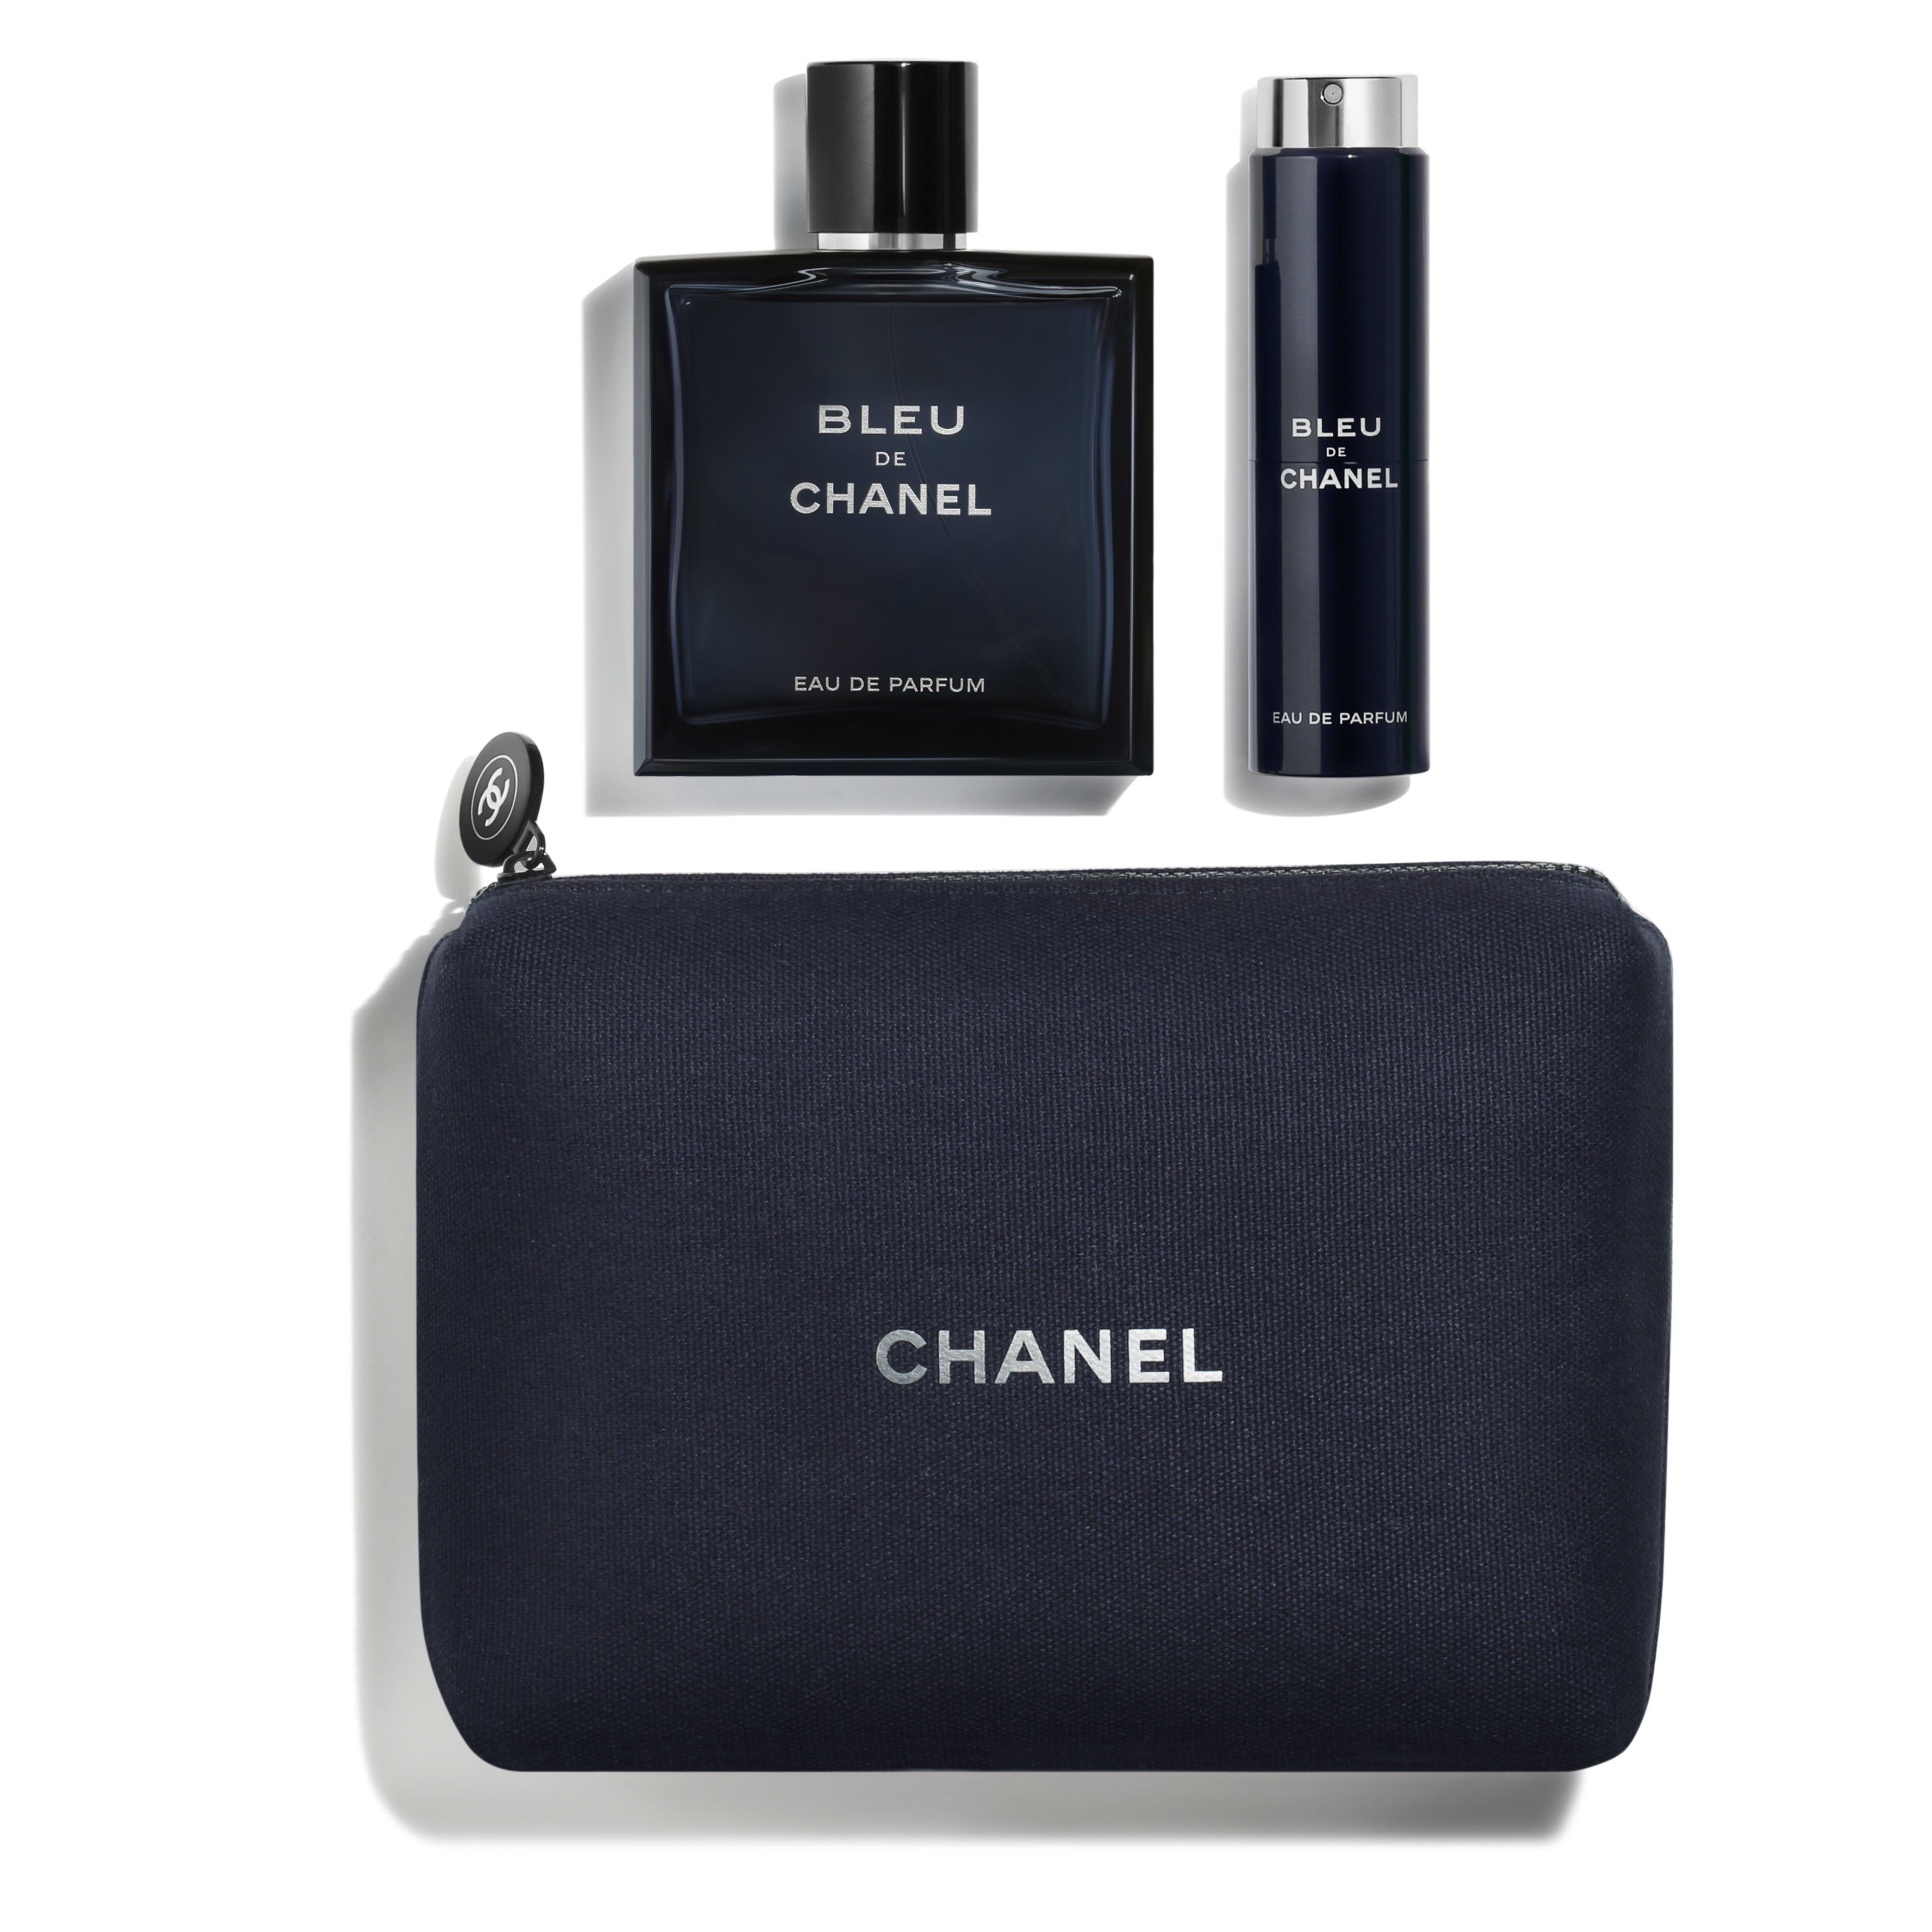 02dceb7d40b BLEU DE CHANEL Eau de Parfum Travel Set | CHANEL